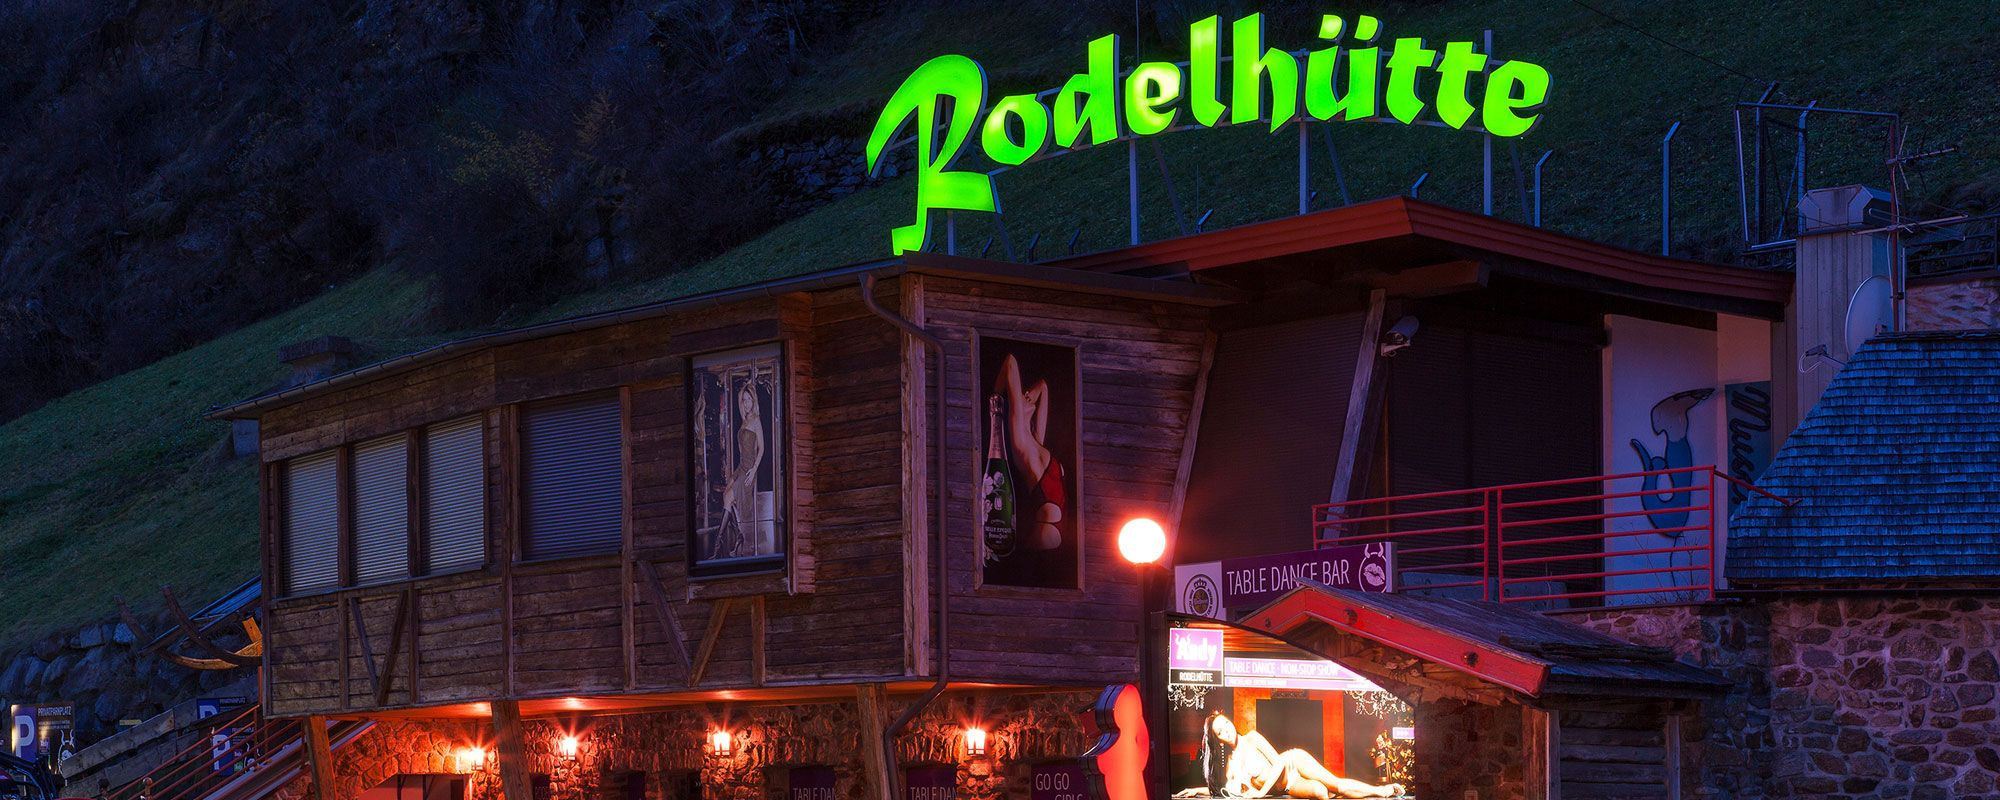 Rodelhütte Sölden